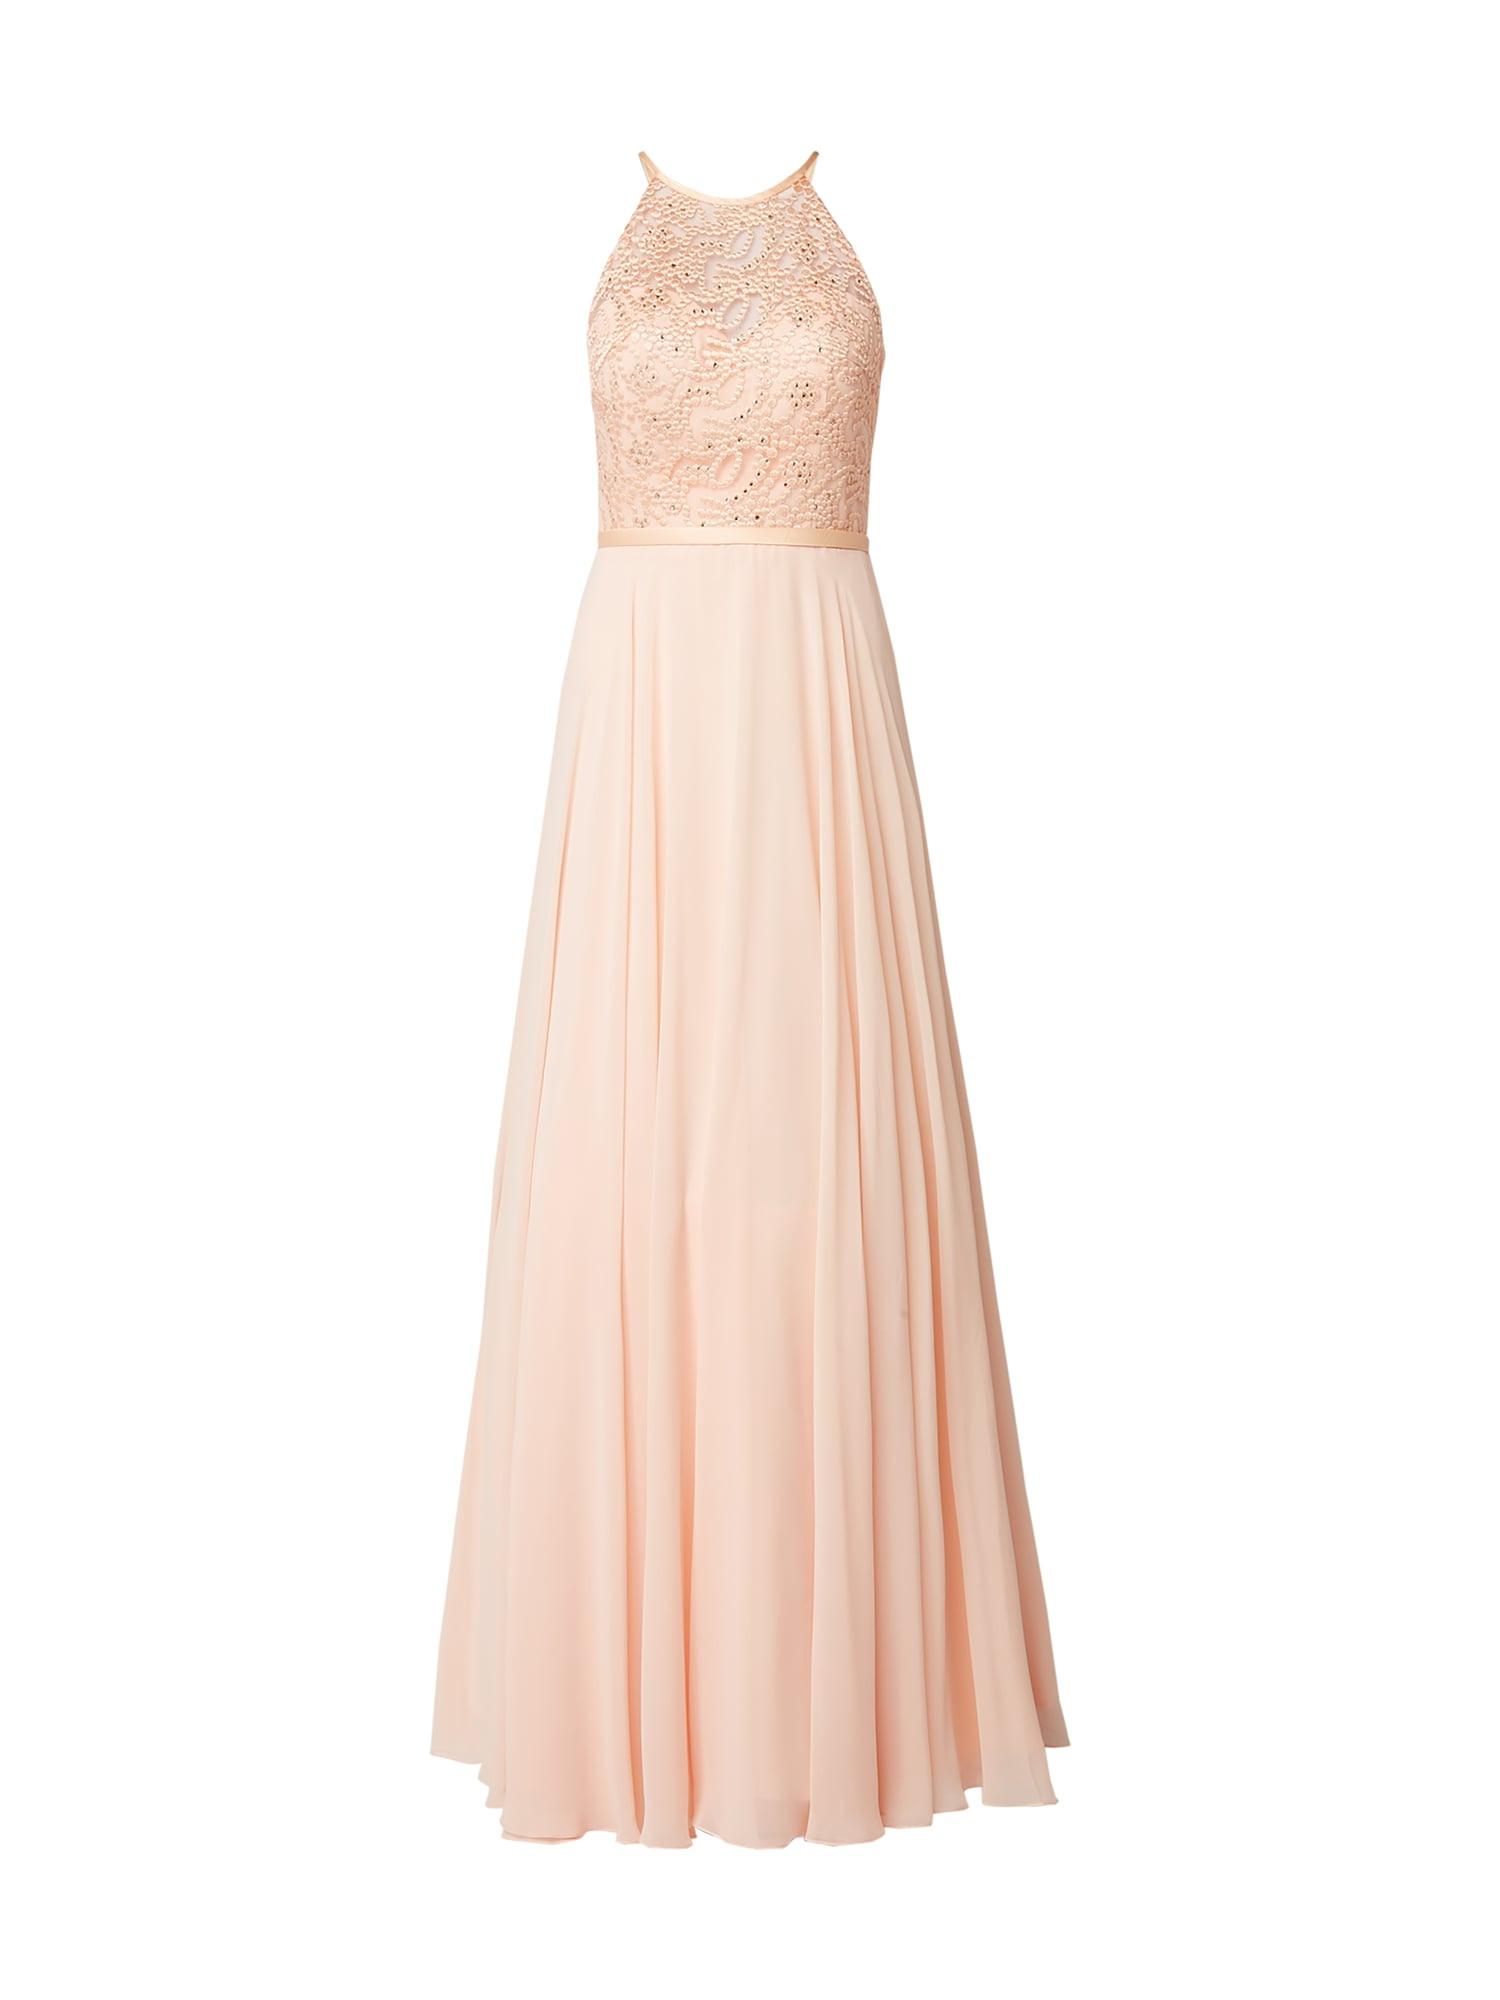 20 Einzigartig Apricot Abendkleid Bester Preis Ausgezeichnet Apricot Abendkleid Vertrieb